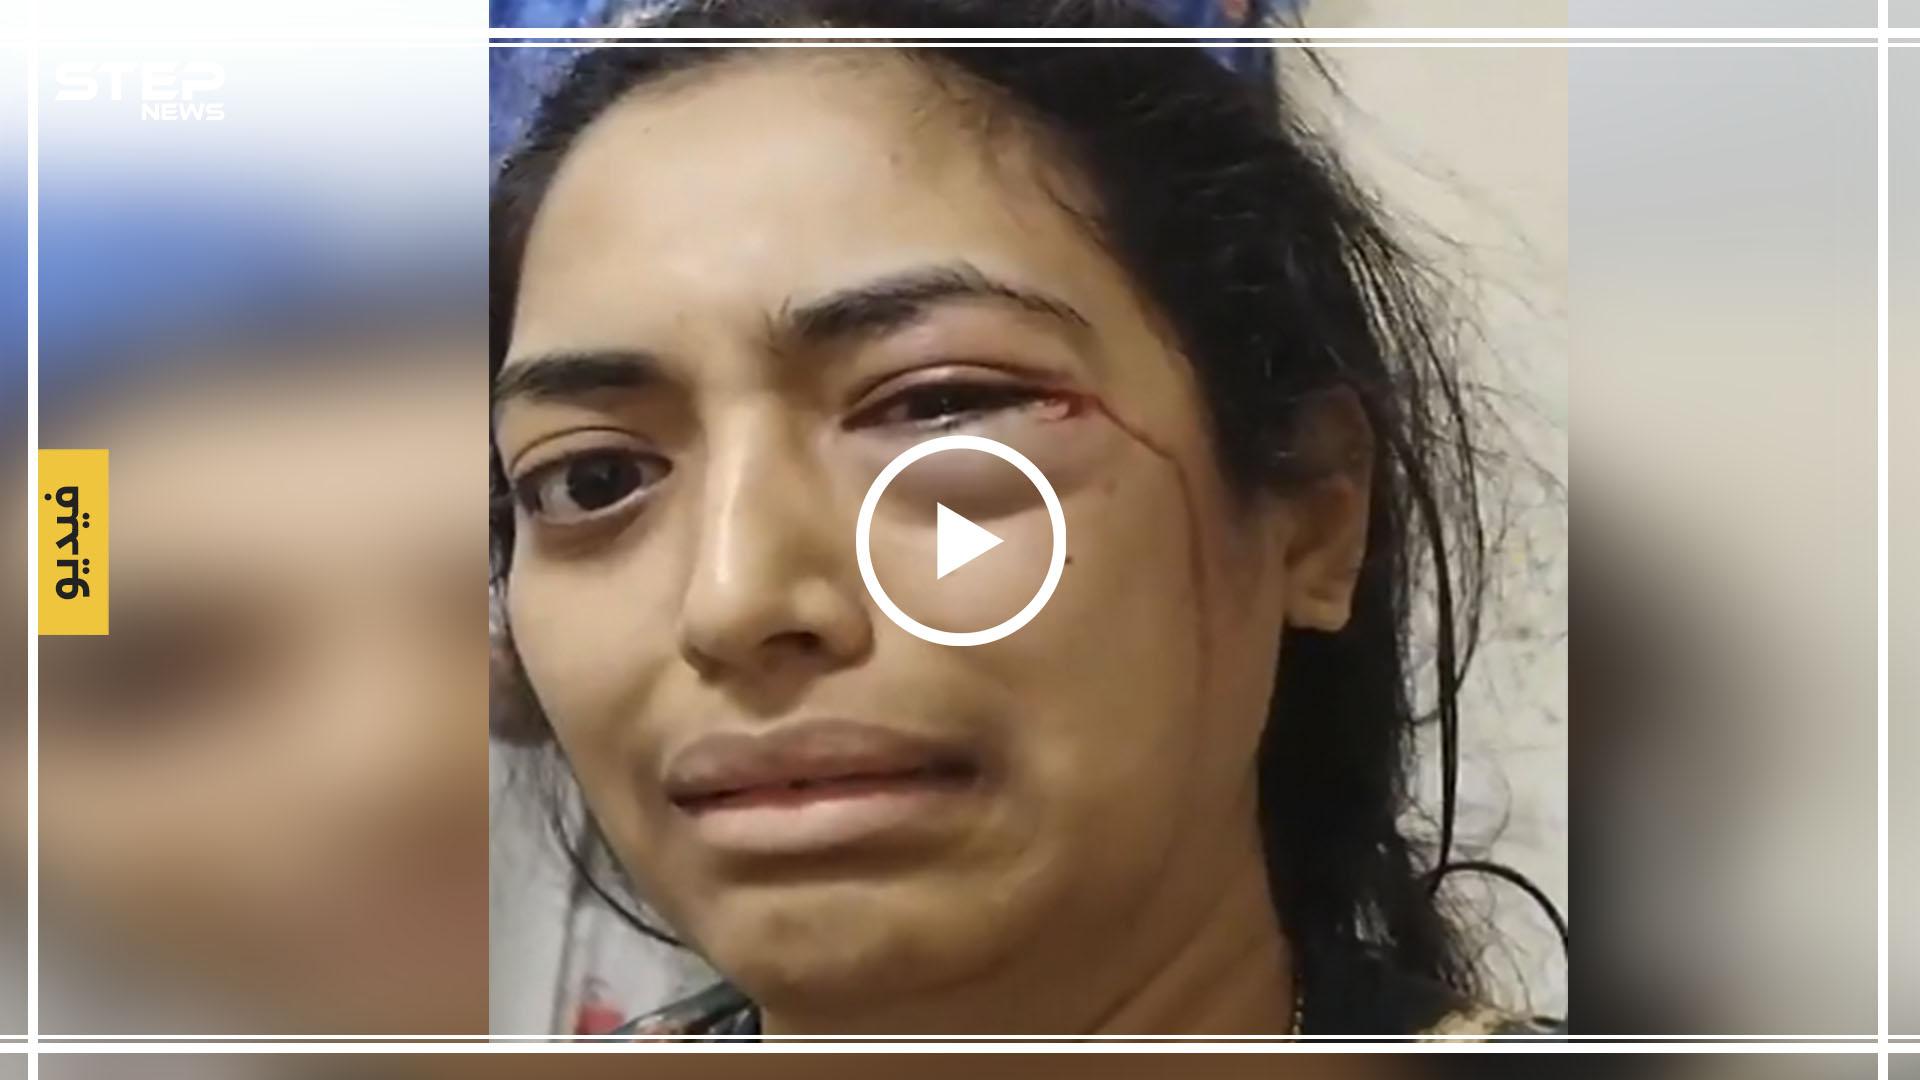 تويتر  ينقذ هندية من تعذيب زوجها وضربه لها.. والسلطات الإماراتية تتحرك(فيديو) - وكالة ستيب الإخبارية